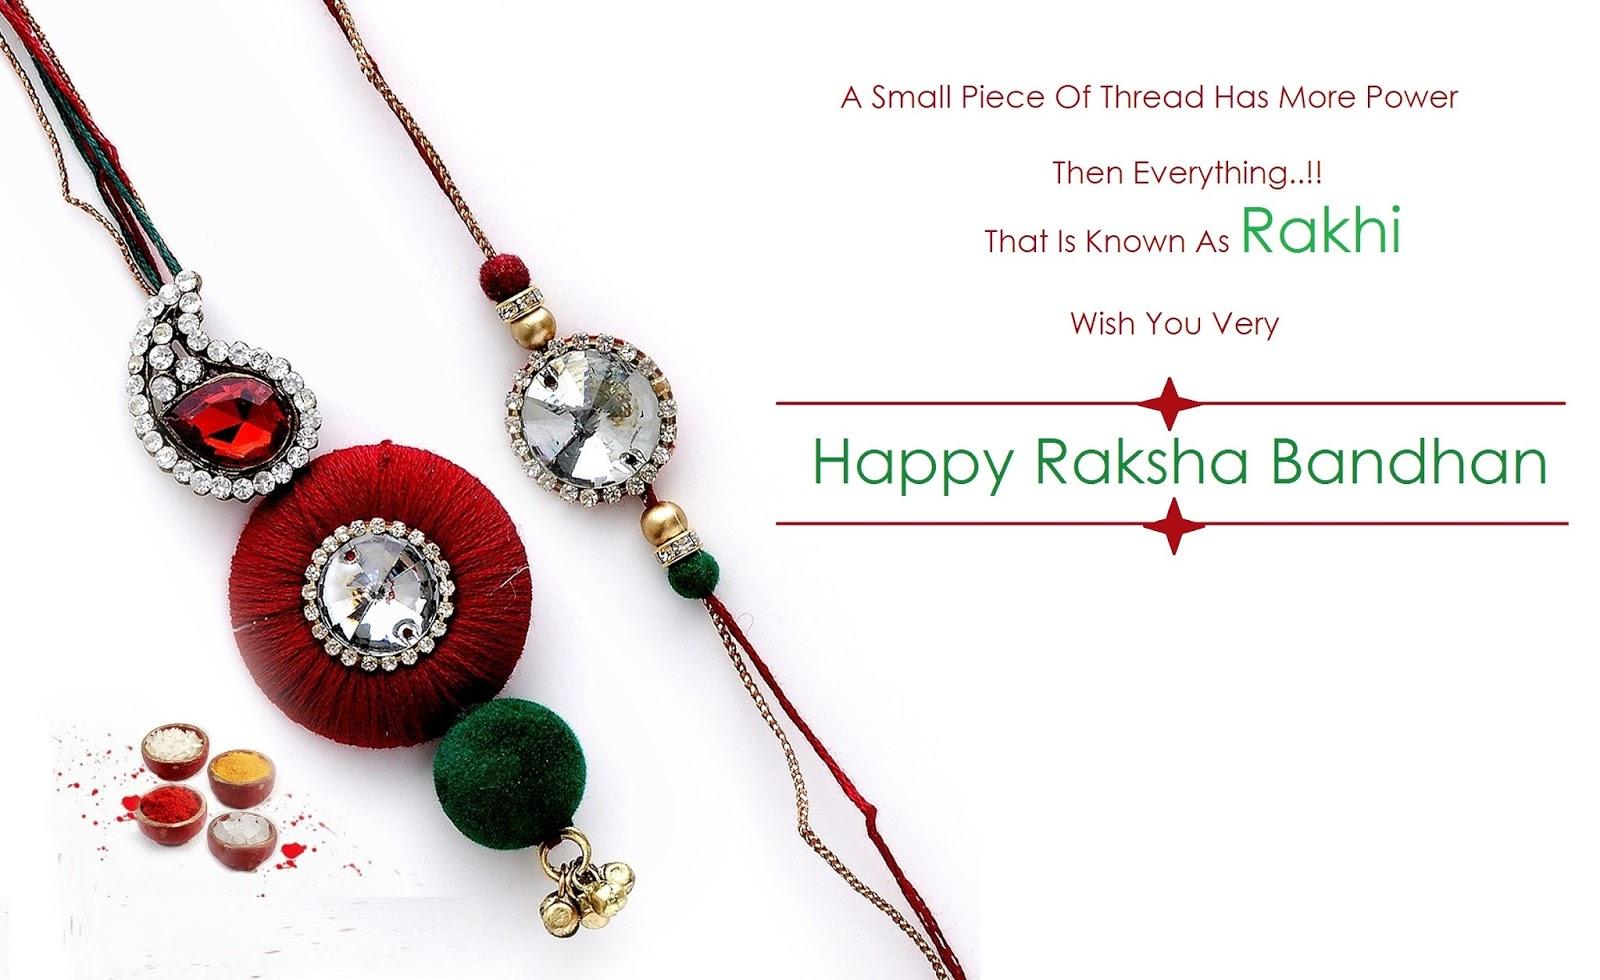 Raksha-Bandhan-Images-with-quotes